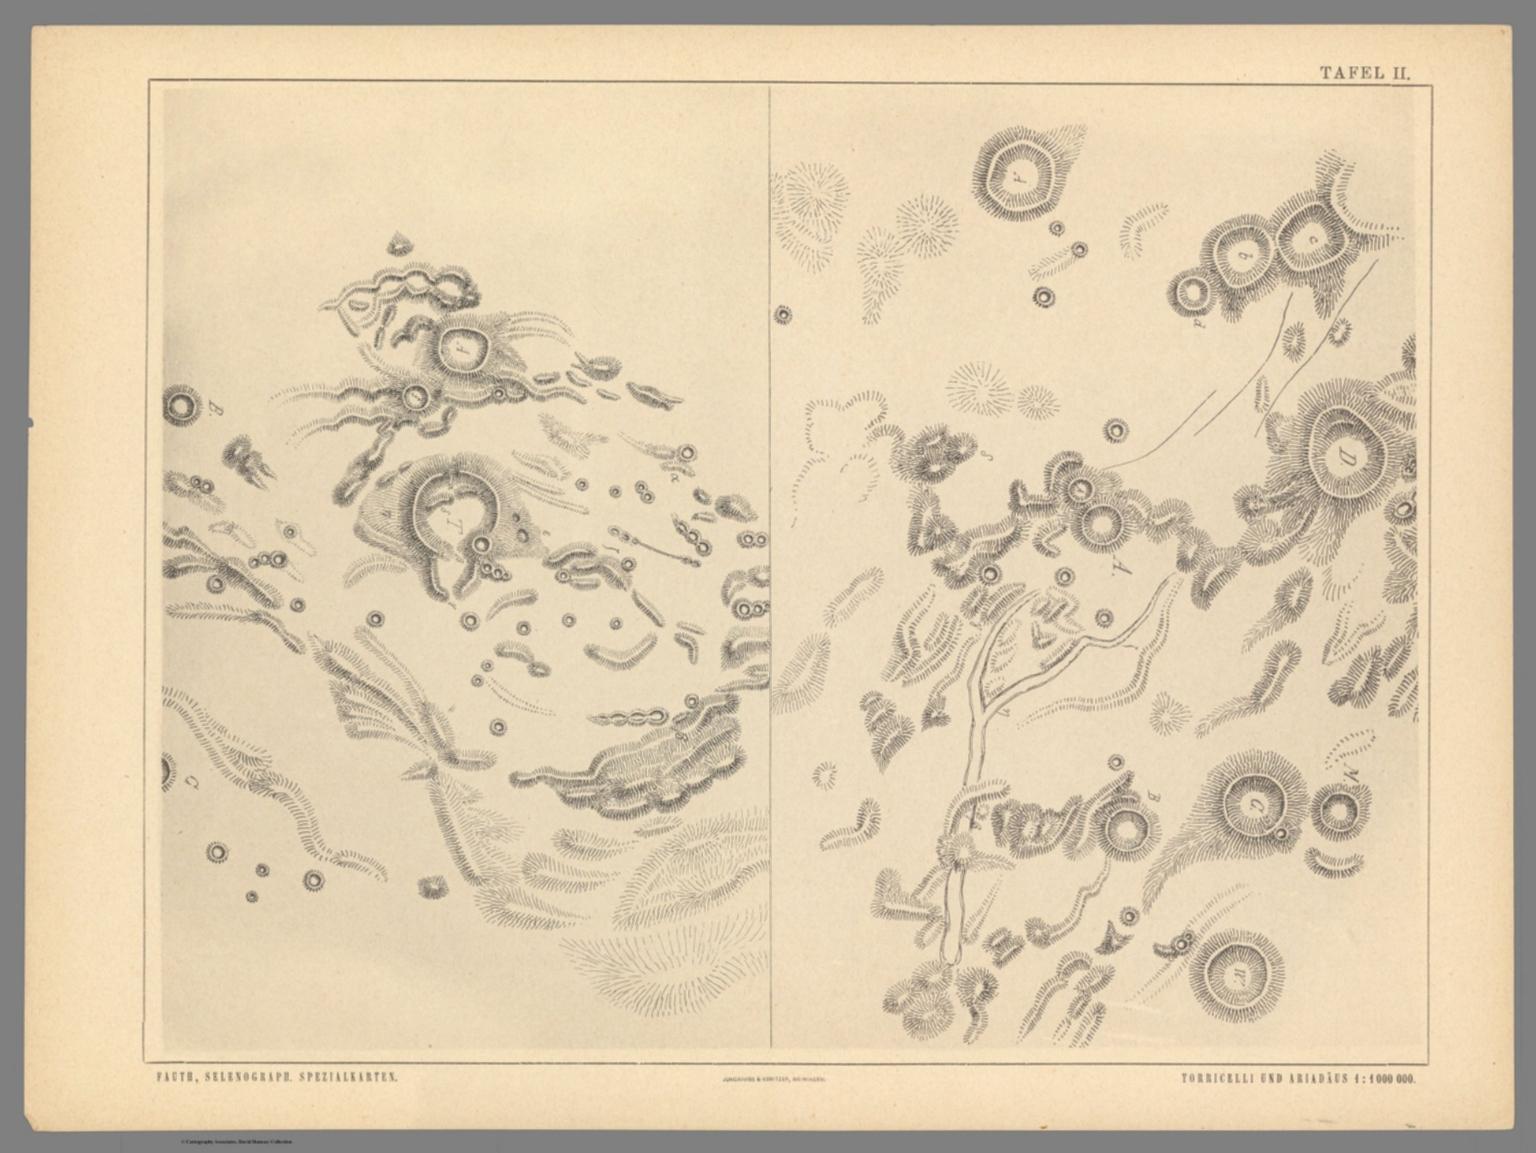 Tafel II. Fauth, Phil. Atlas von 25 topographischen Spezialkarten des Mondes